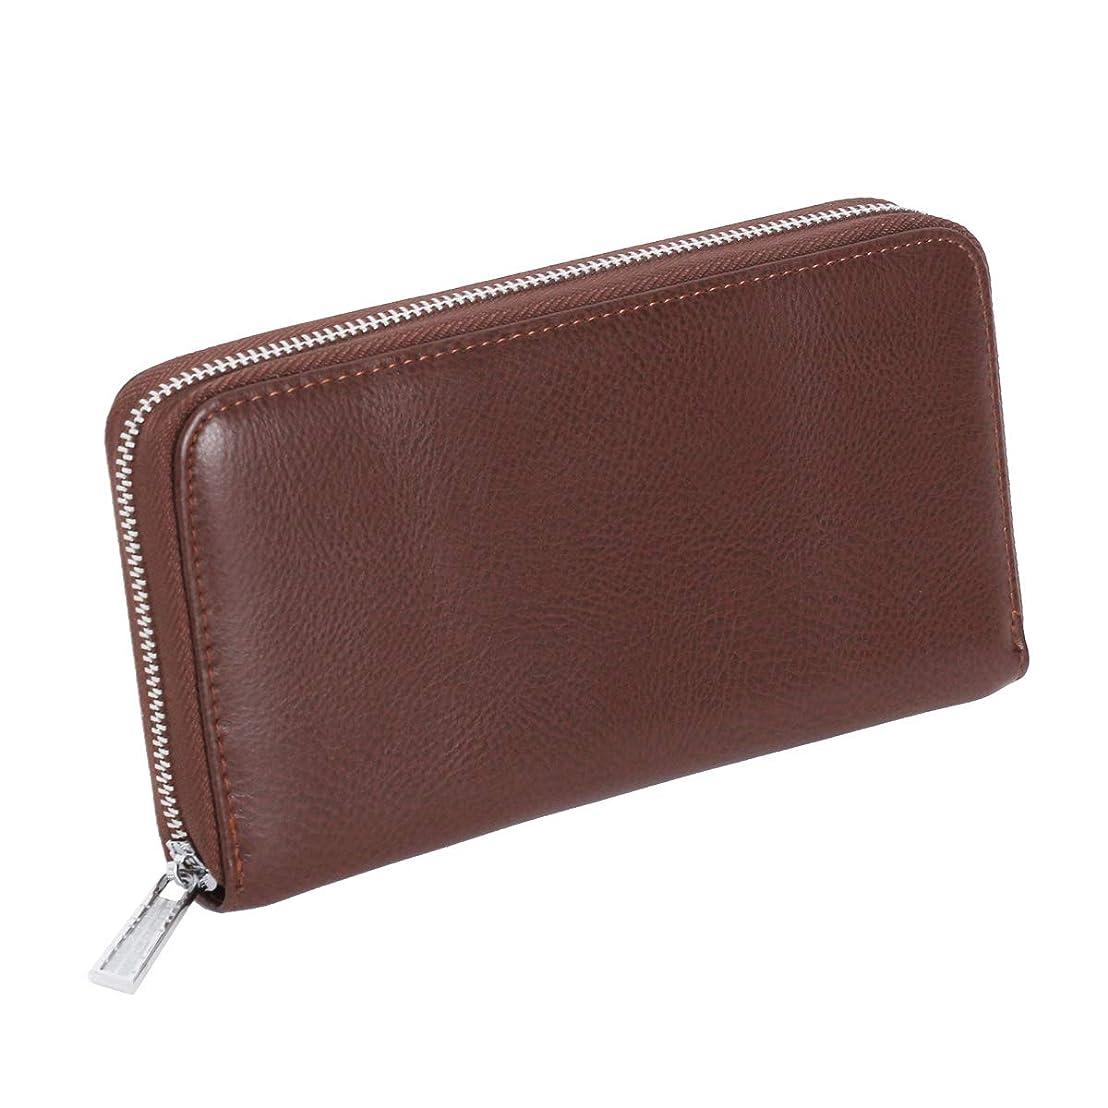 見落とす意欲クリスマスJOKnet スキミング防止 大容量 じゃばら カードケース メンズ レディース クレジットカード 財布 レザー 牛革